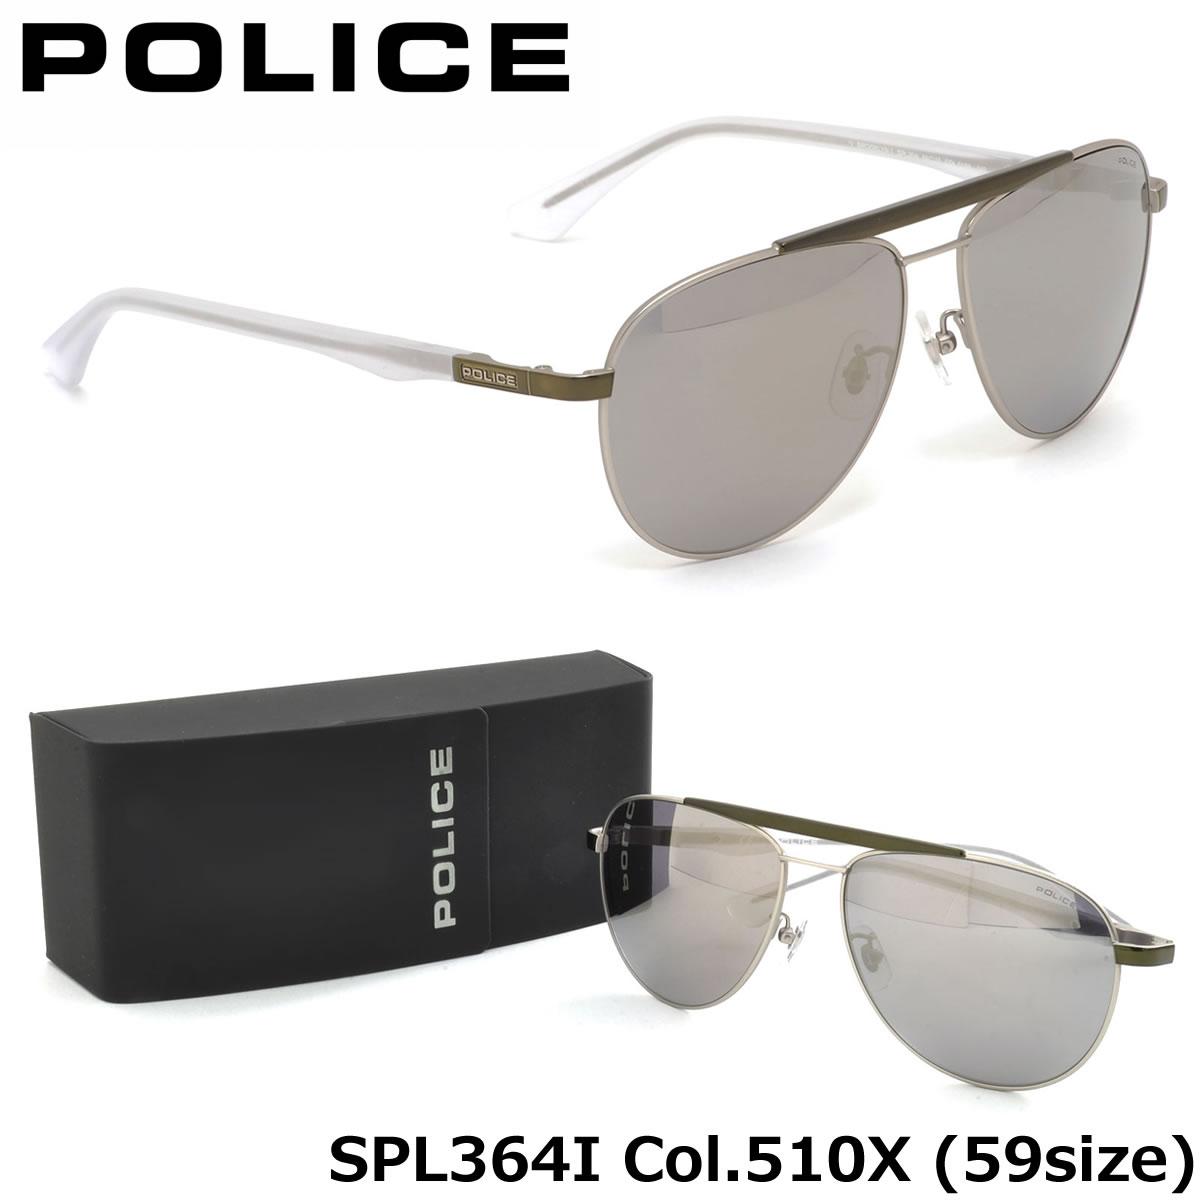 【10月30日からエントリーで全品ポイント20倍】【ポリス】 (POLICE) サングラスSPL364I 510X 59サイズツーブリッジ ミラーPOLICE メンズ レディース